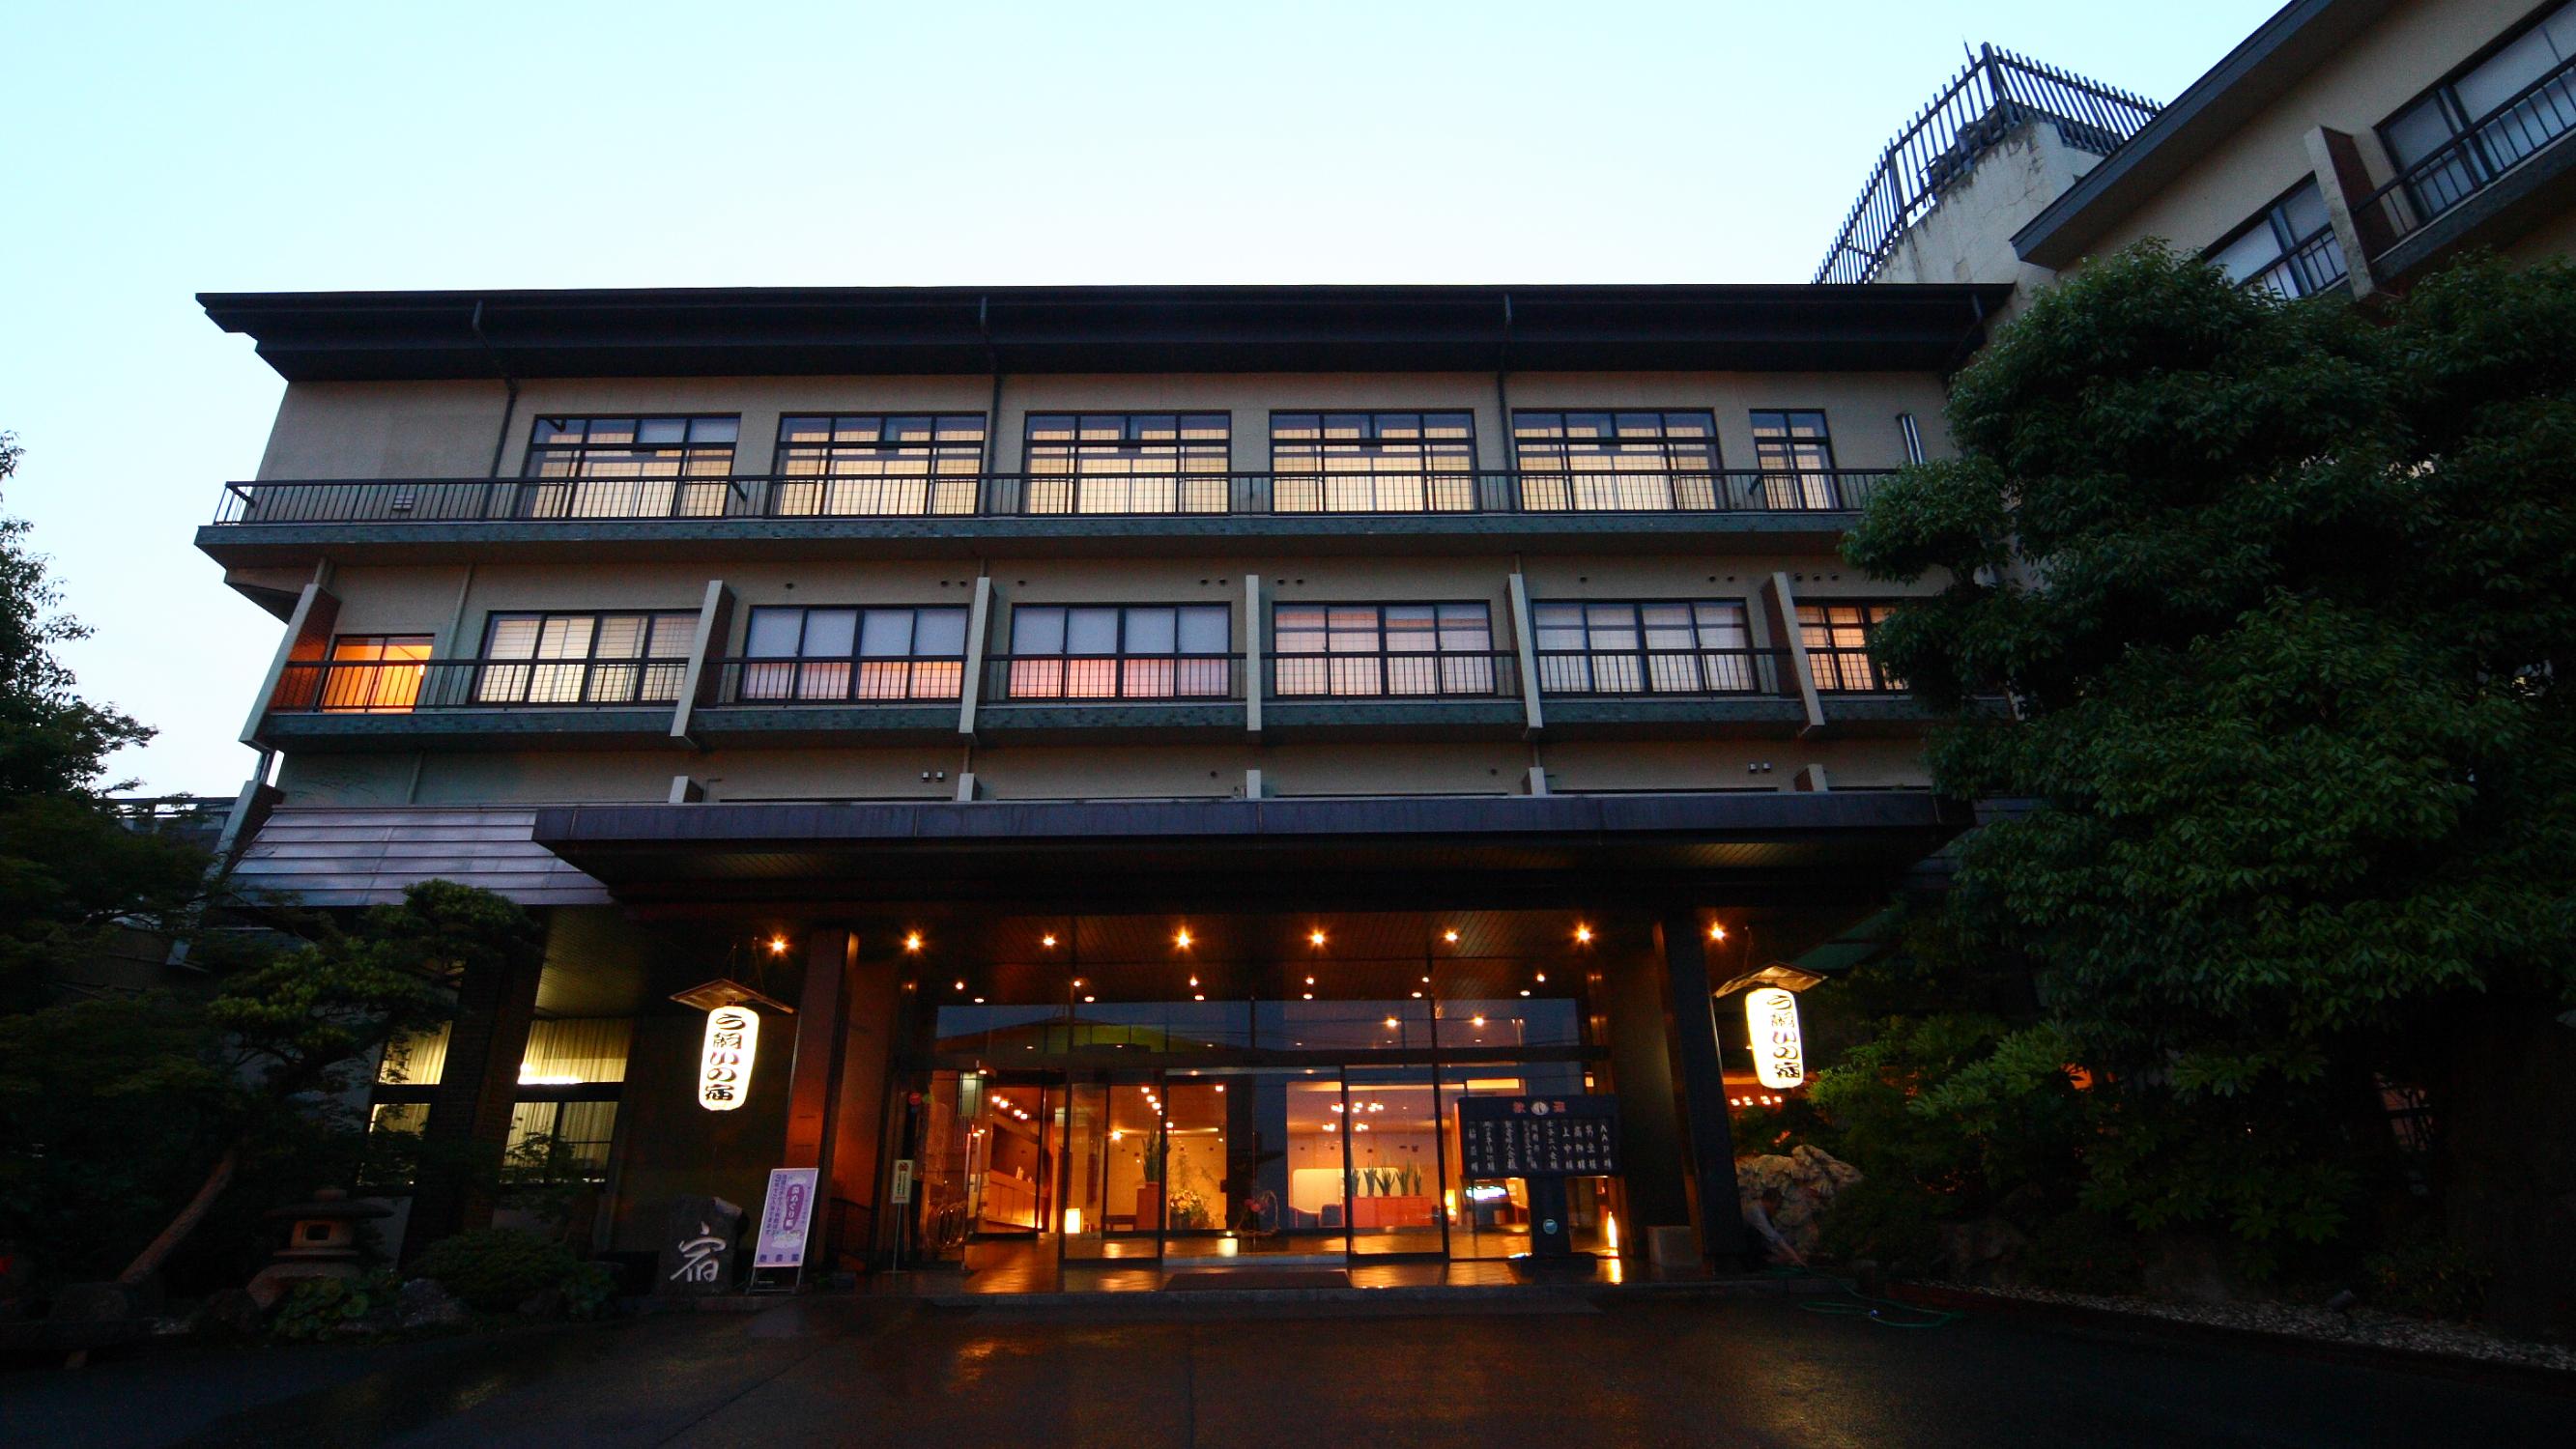 福岡空港から近いおすすめ温泉地・ホテル